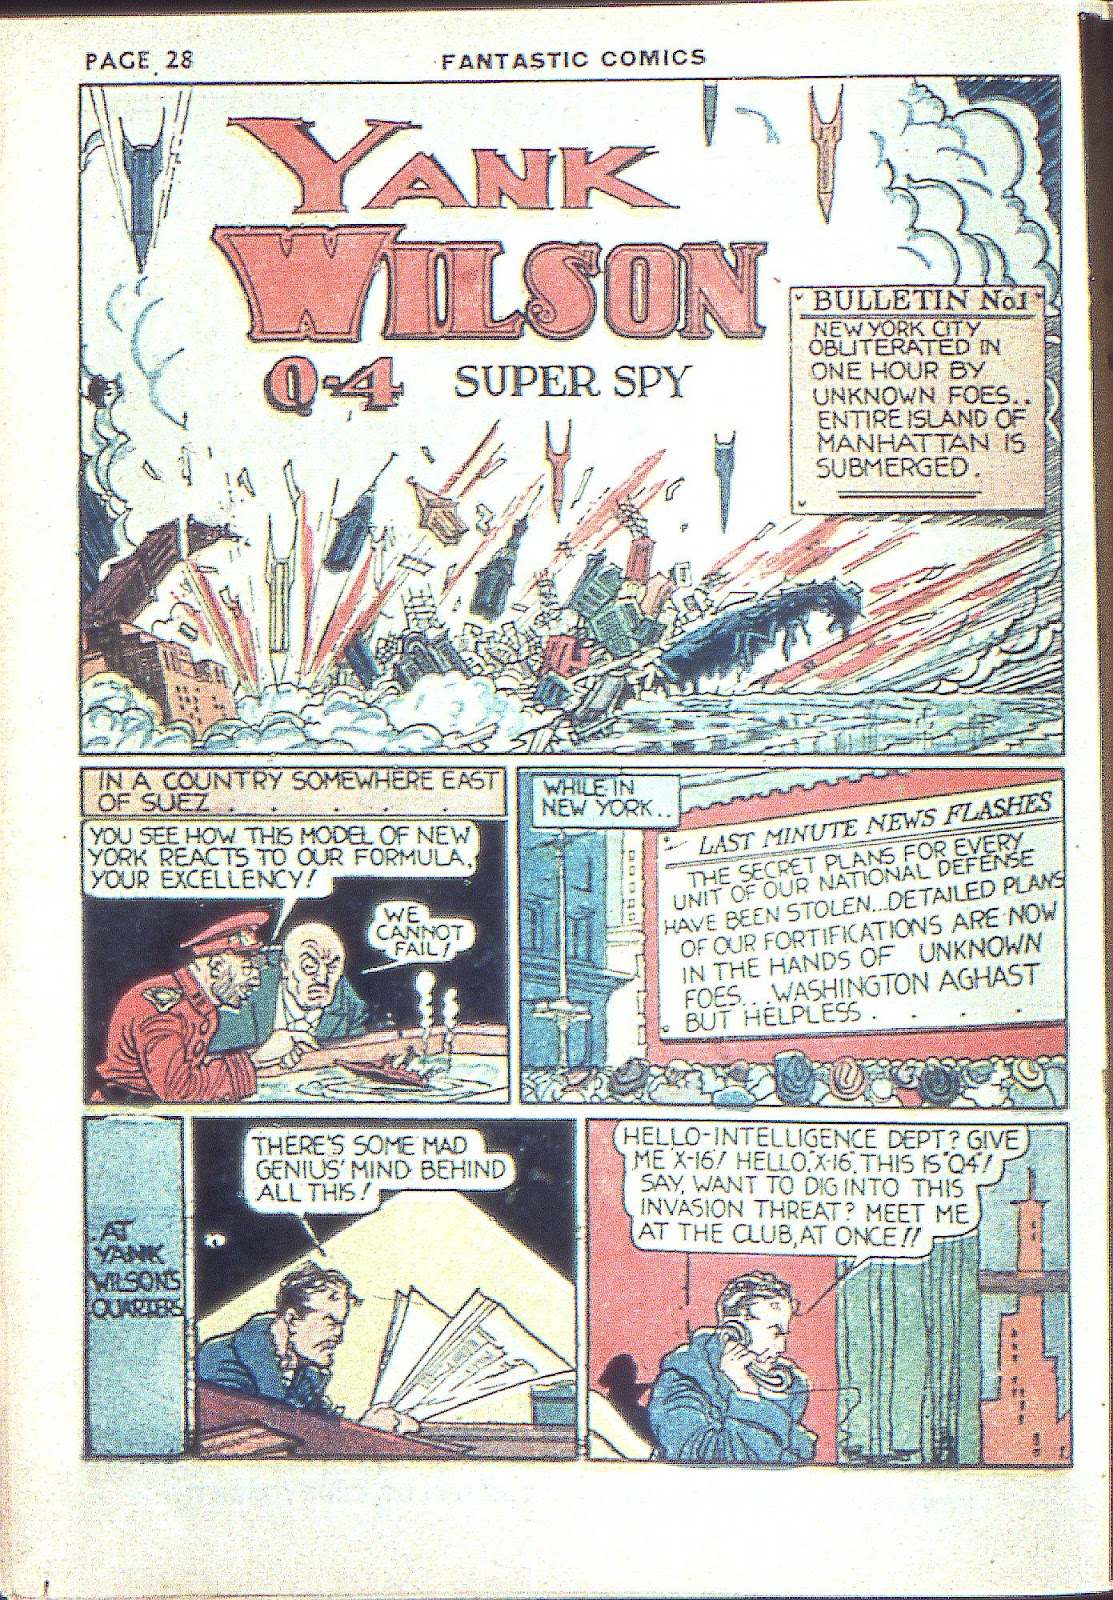 Read online Fantastic Comics comic -  Issue #3 - 31